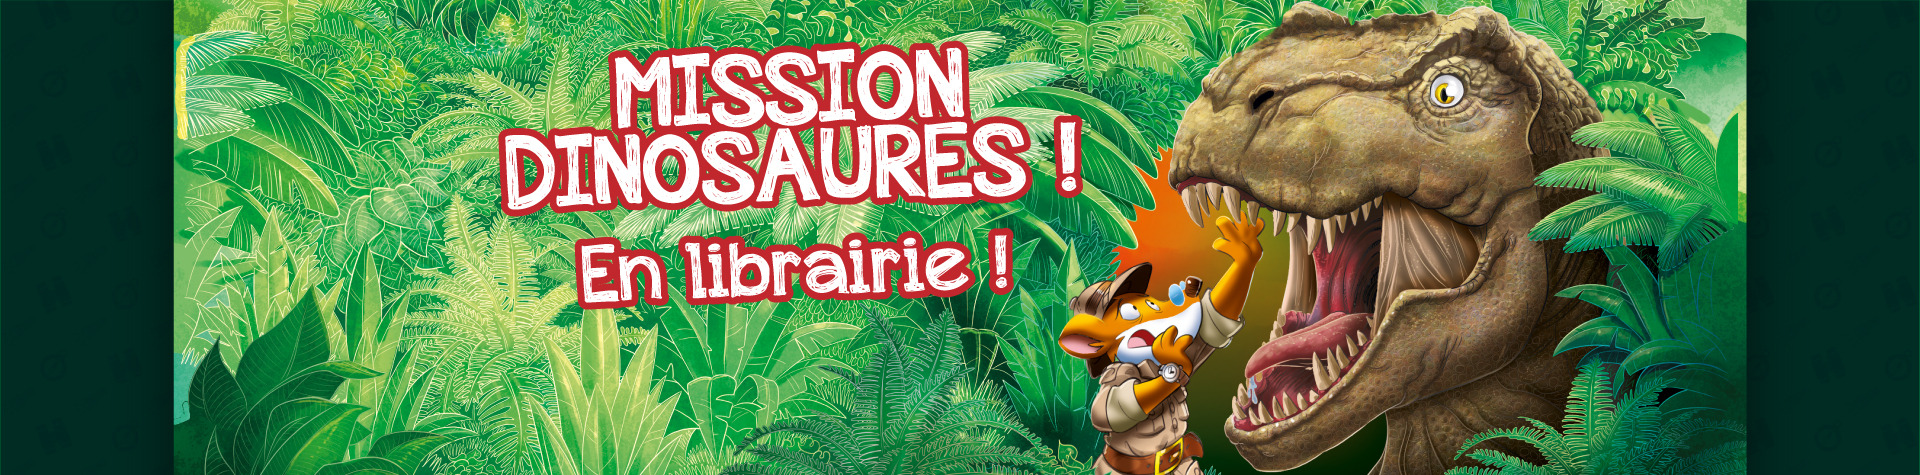 Mission Dinosaures en librairie !